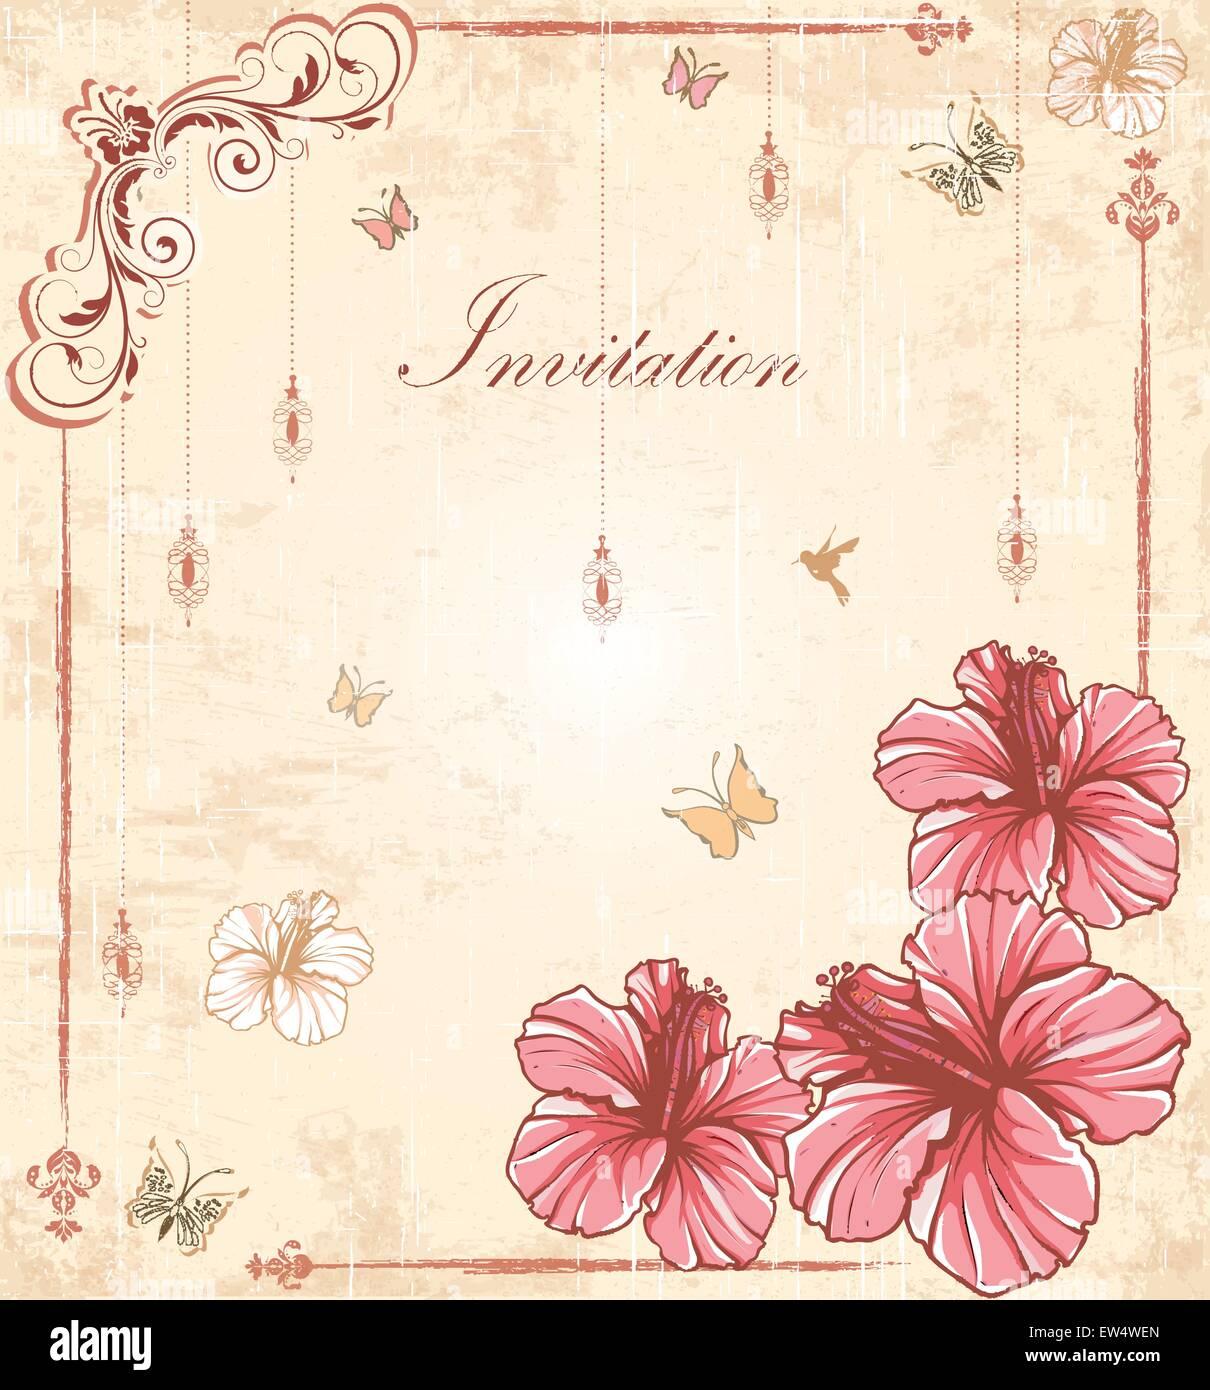 Tarjeta De Invitación Vintage Retro Elegante Adornados Con